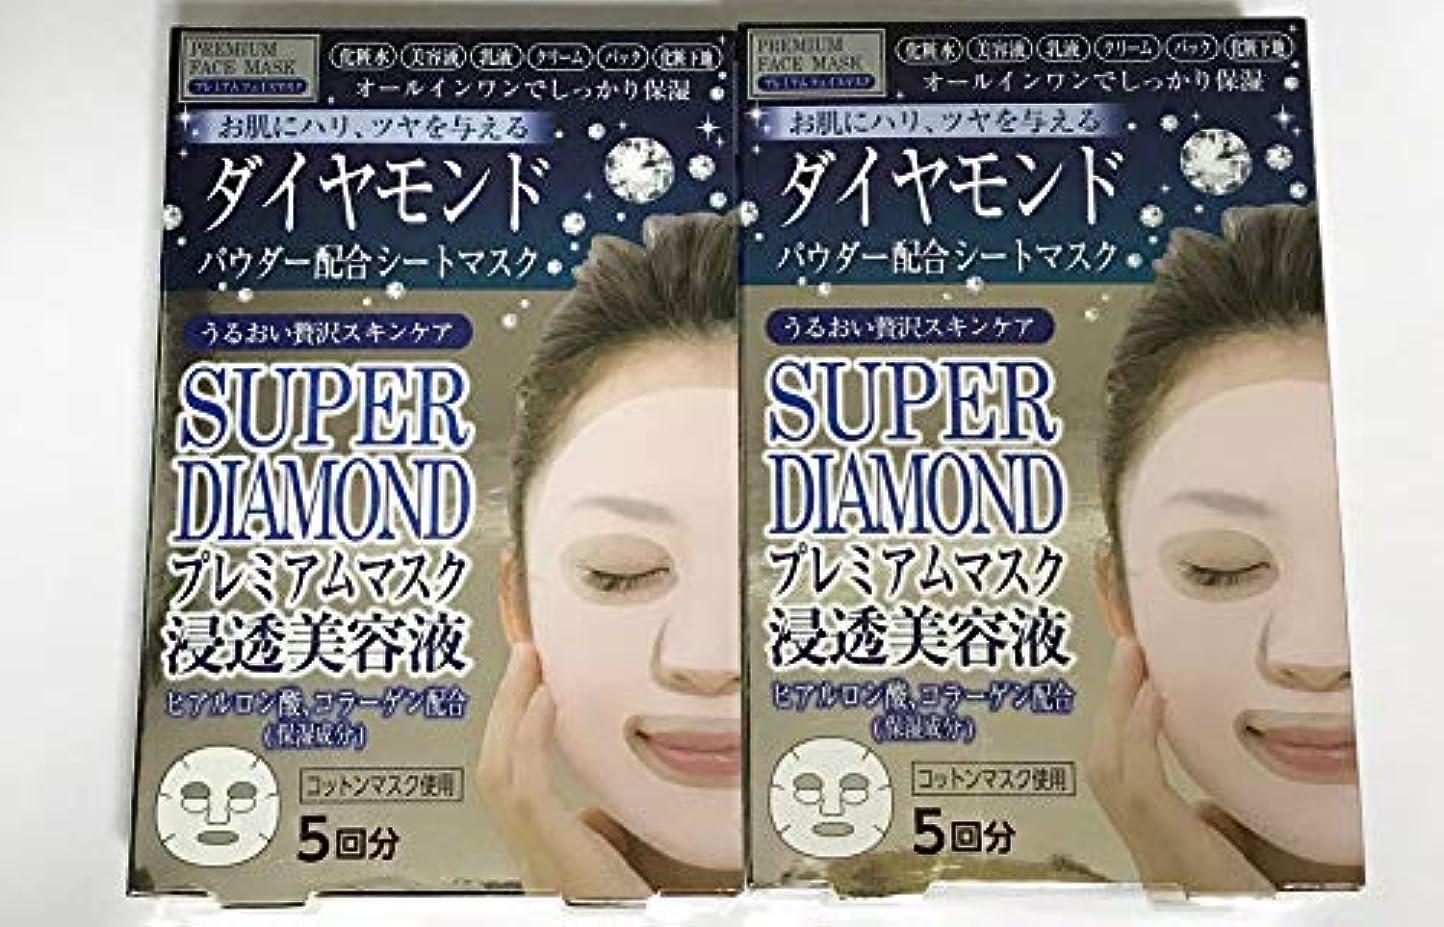 購入皮肉ピーク【2箱セット】〈日本製〉スーパーダイヤモンド プレミアムマスク 浸透美容液 ? 2箱 (★???????????????のおまけ付)